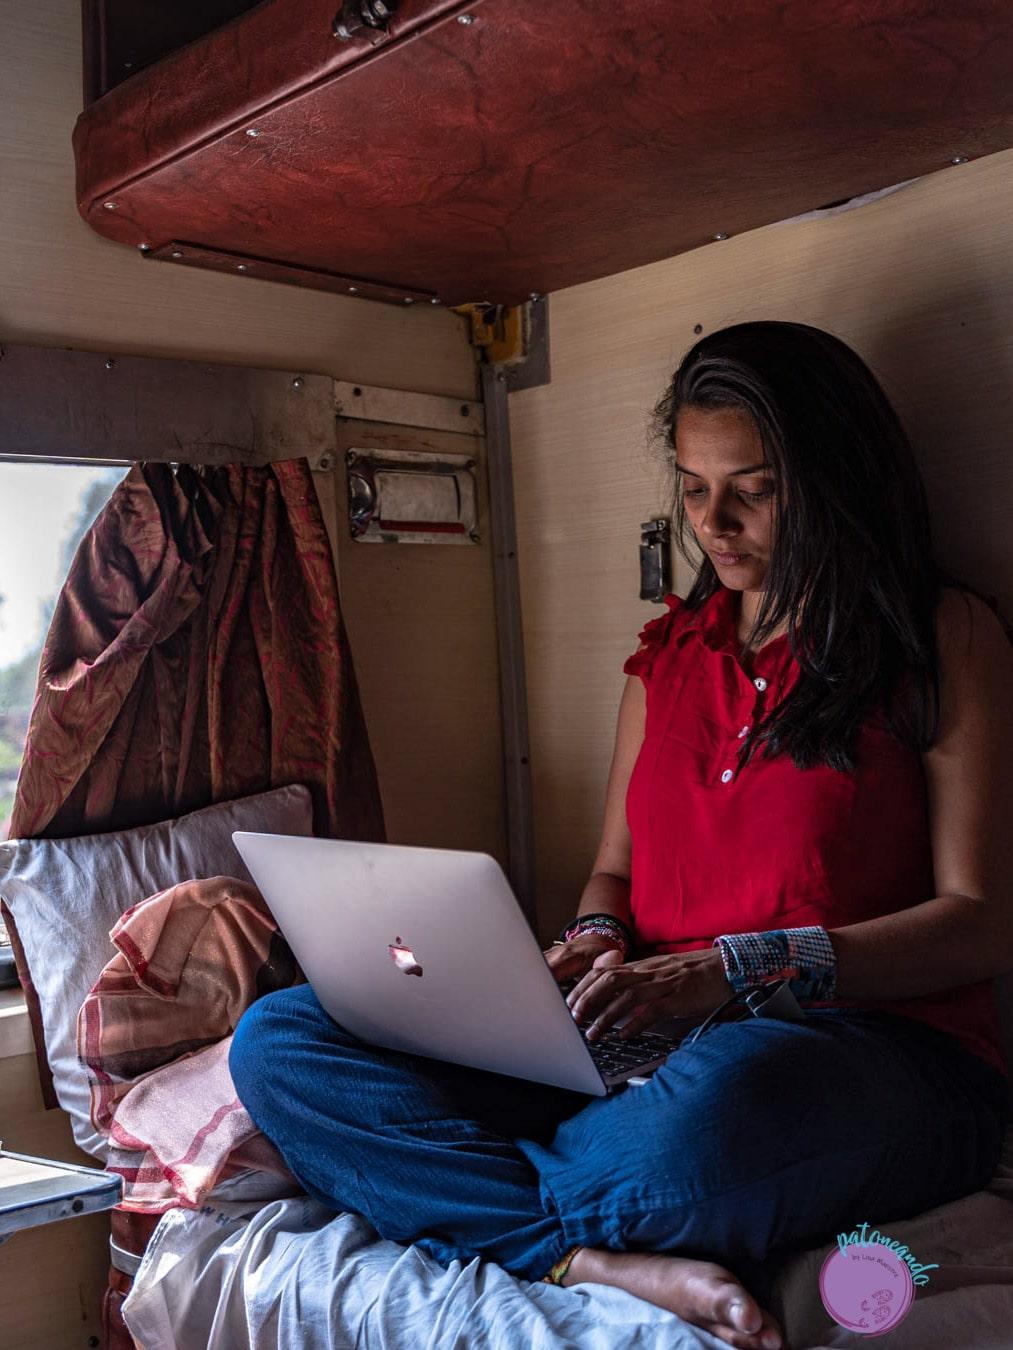 Mujer trabajando con su computador en un tren -Lina Maestre - Patoneando blog de viajes